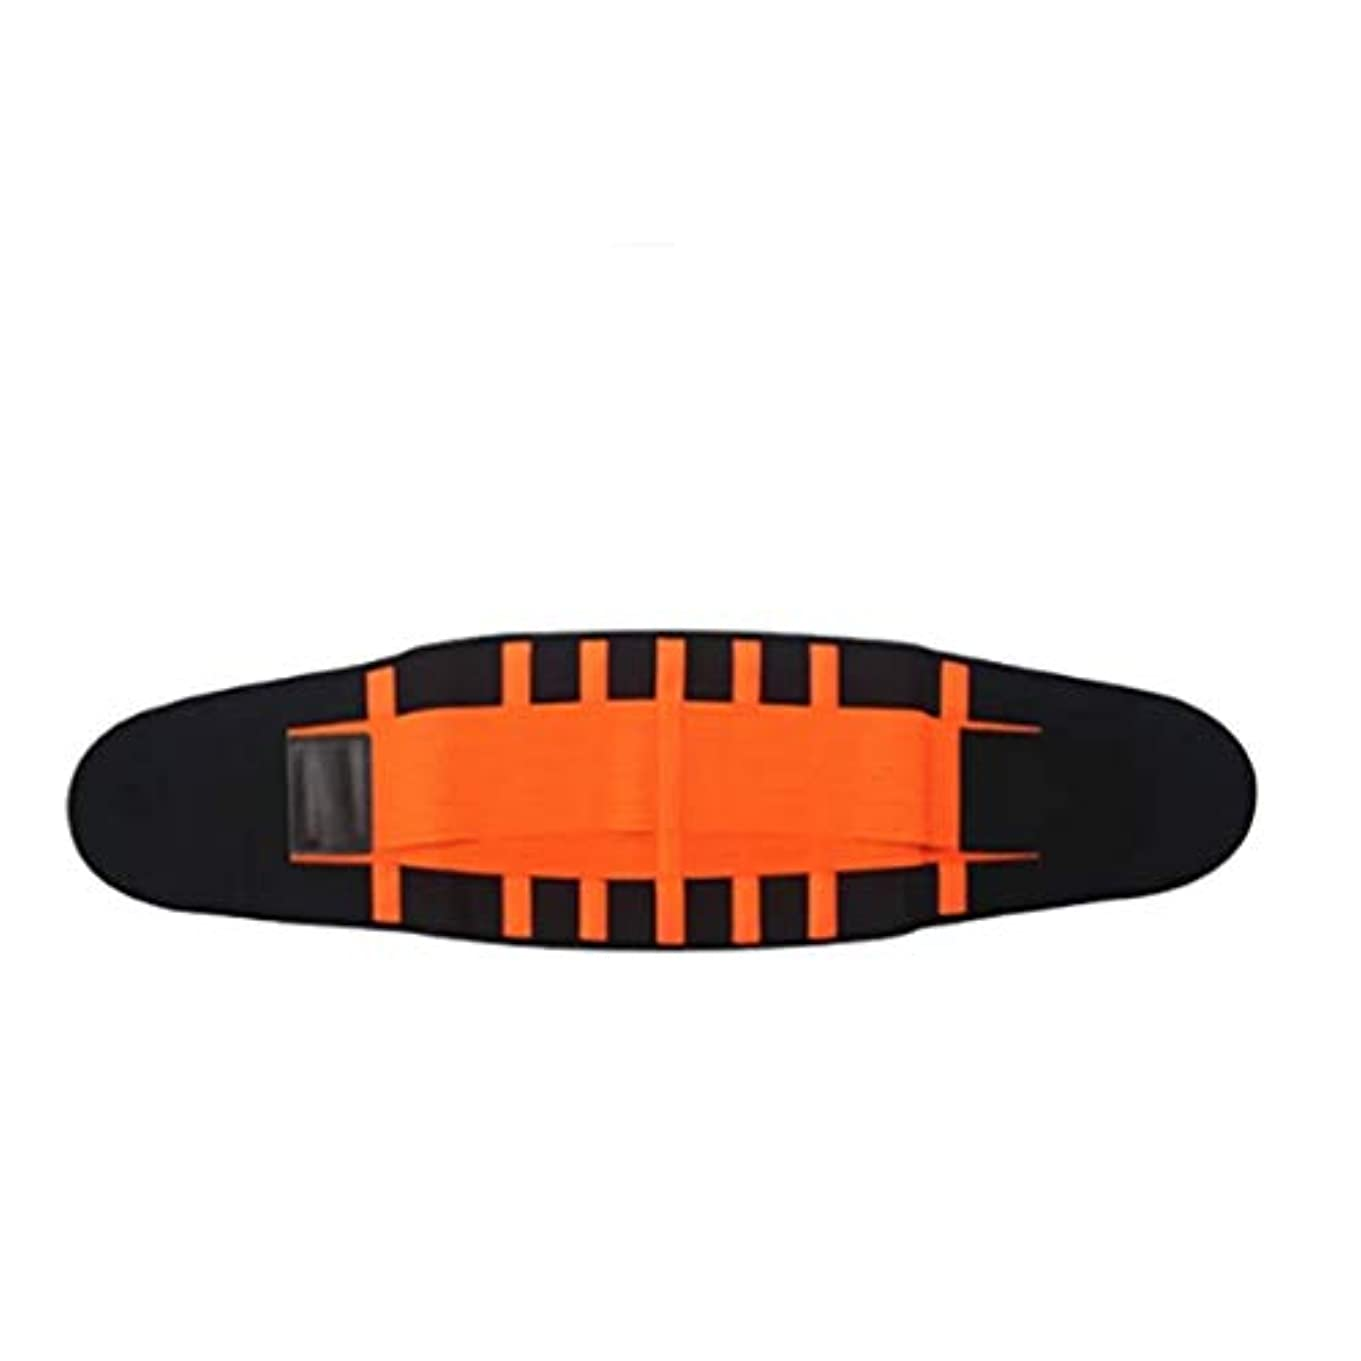 ボルト自伝カレッジフィットネスベルト、ウエストベルト、椎間板腰椎筋肉の緊張、腹部暖かいウエスト、ウエストの保護、腹部ベルト、産後/スポーツ/フィットネス (Size : S)